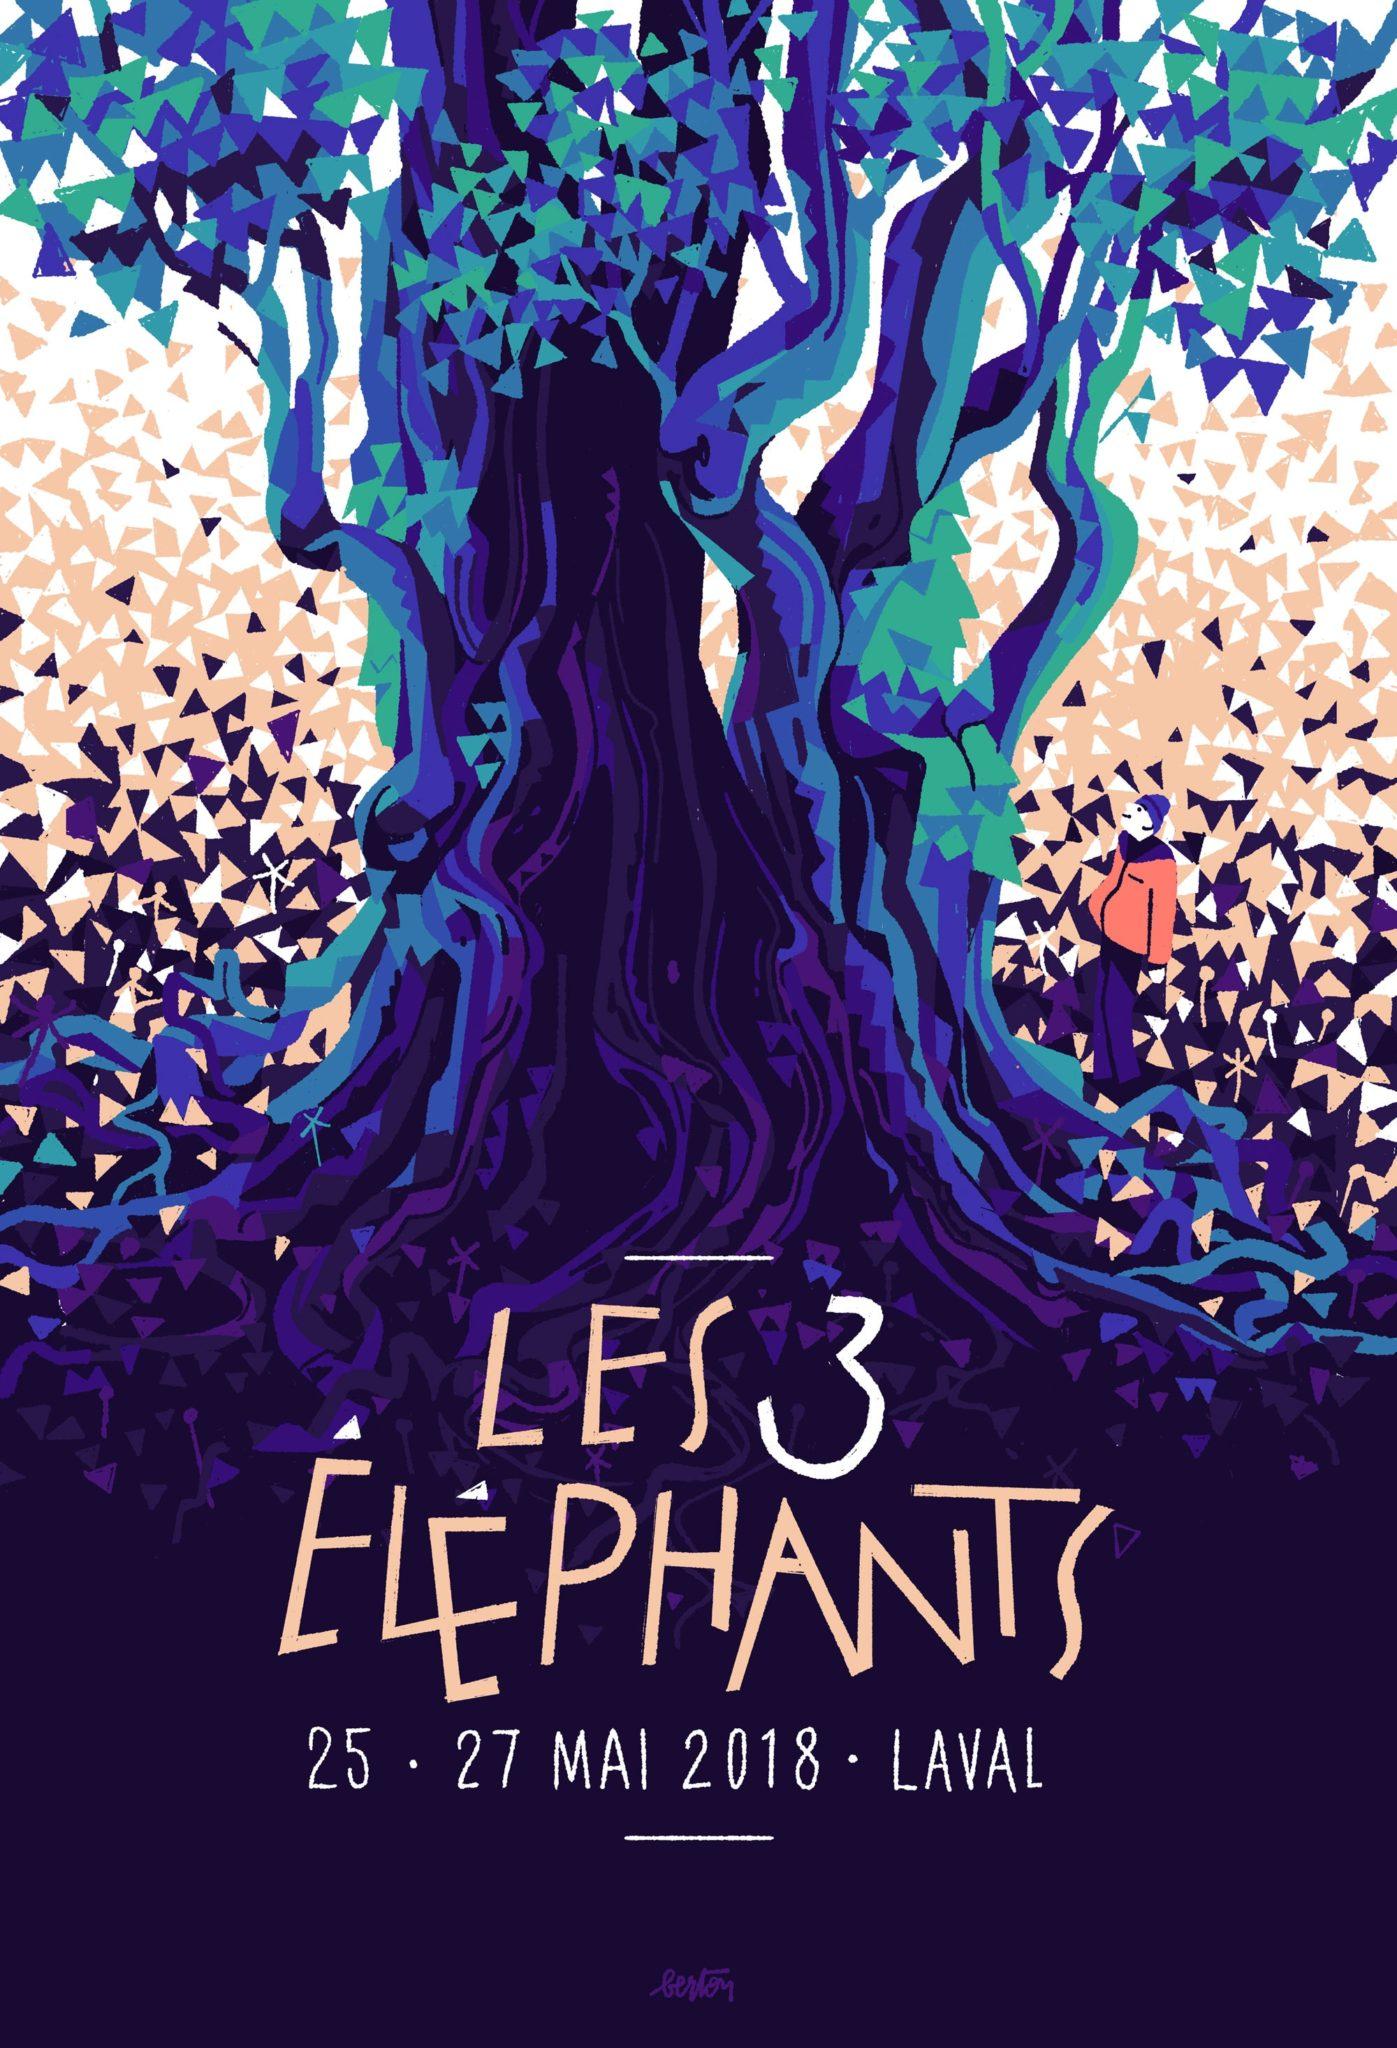 Festival Les 3 éléphants 2018 affiche